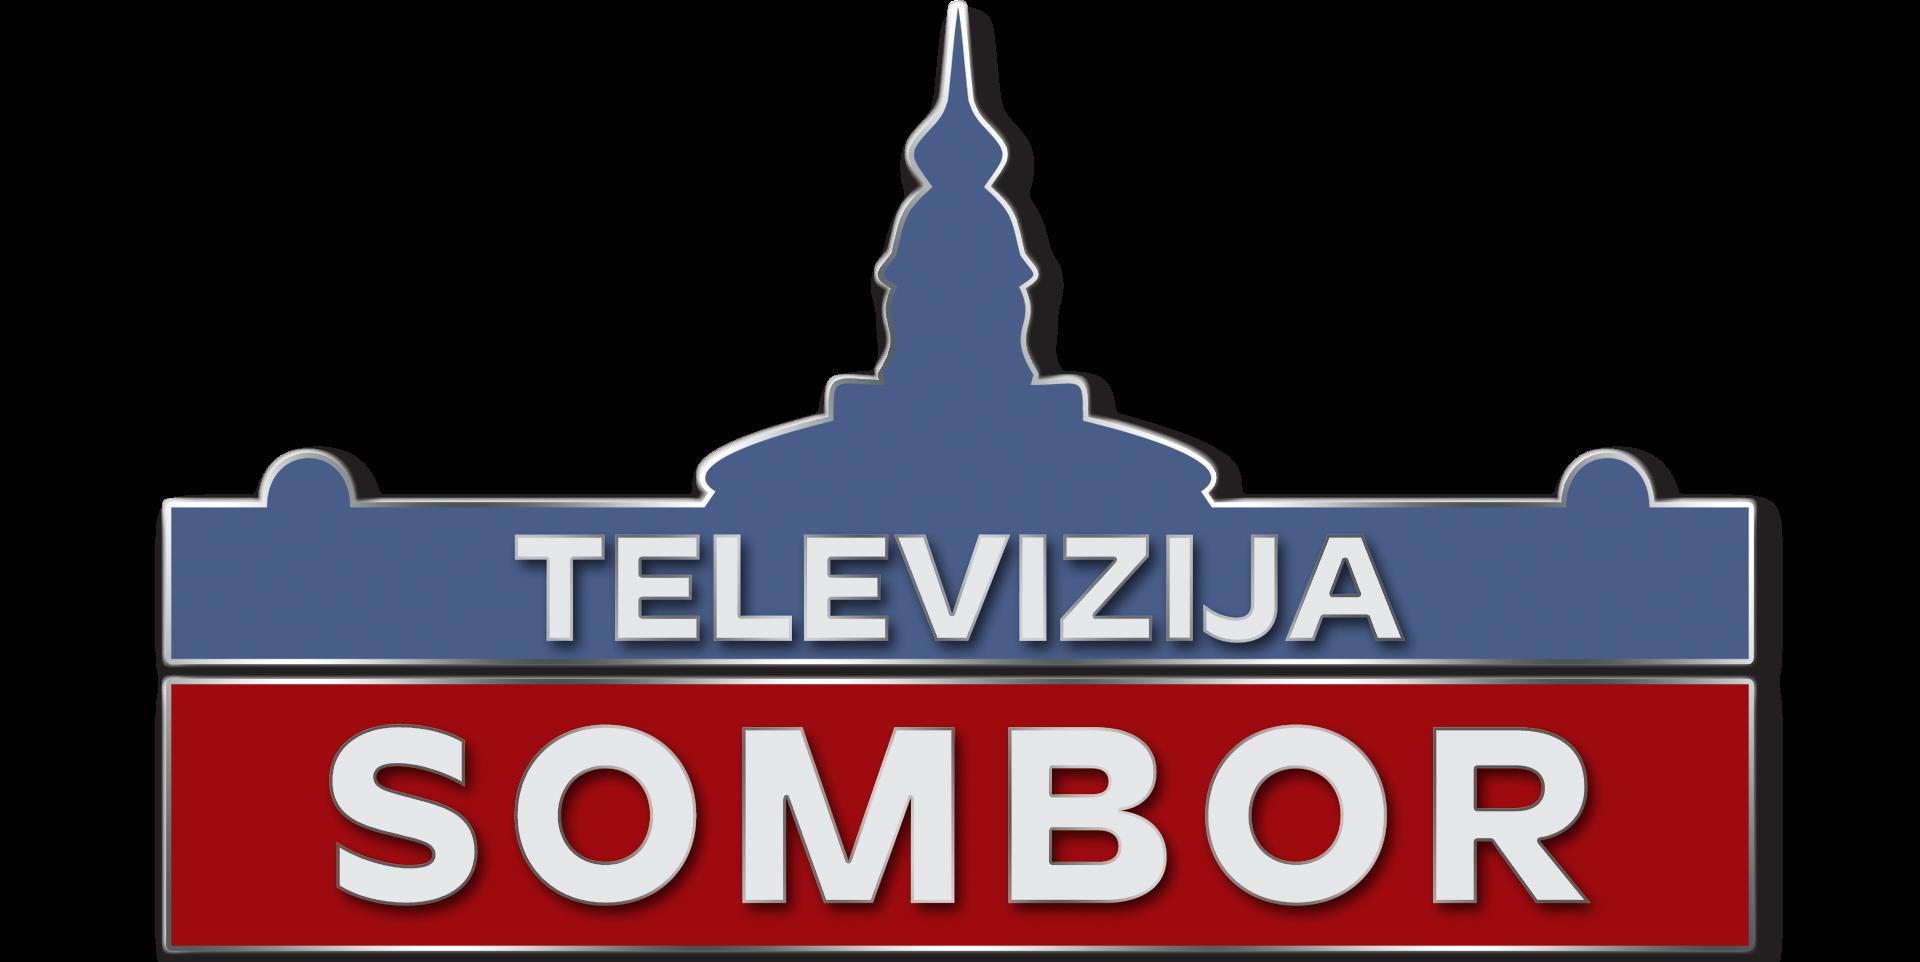 TV Sombor